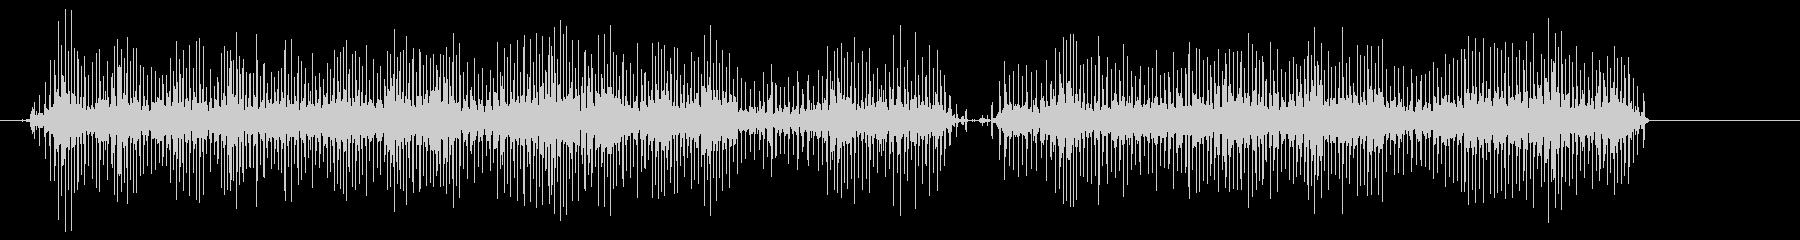 シネマカメラ-アンティグア-フィルム-の未再生の波形